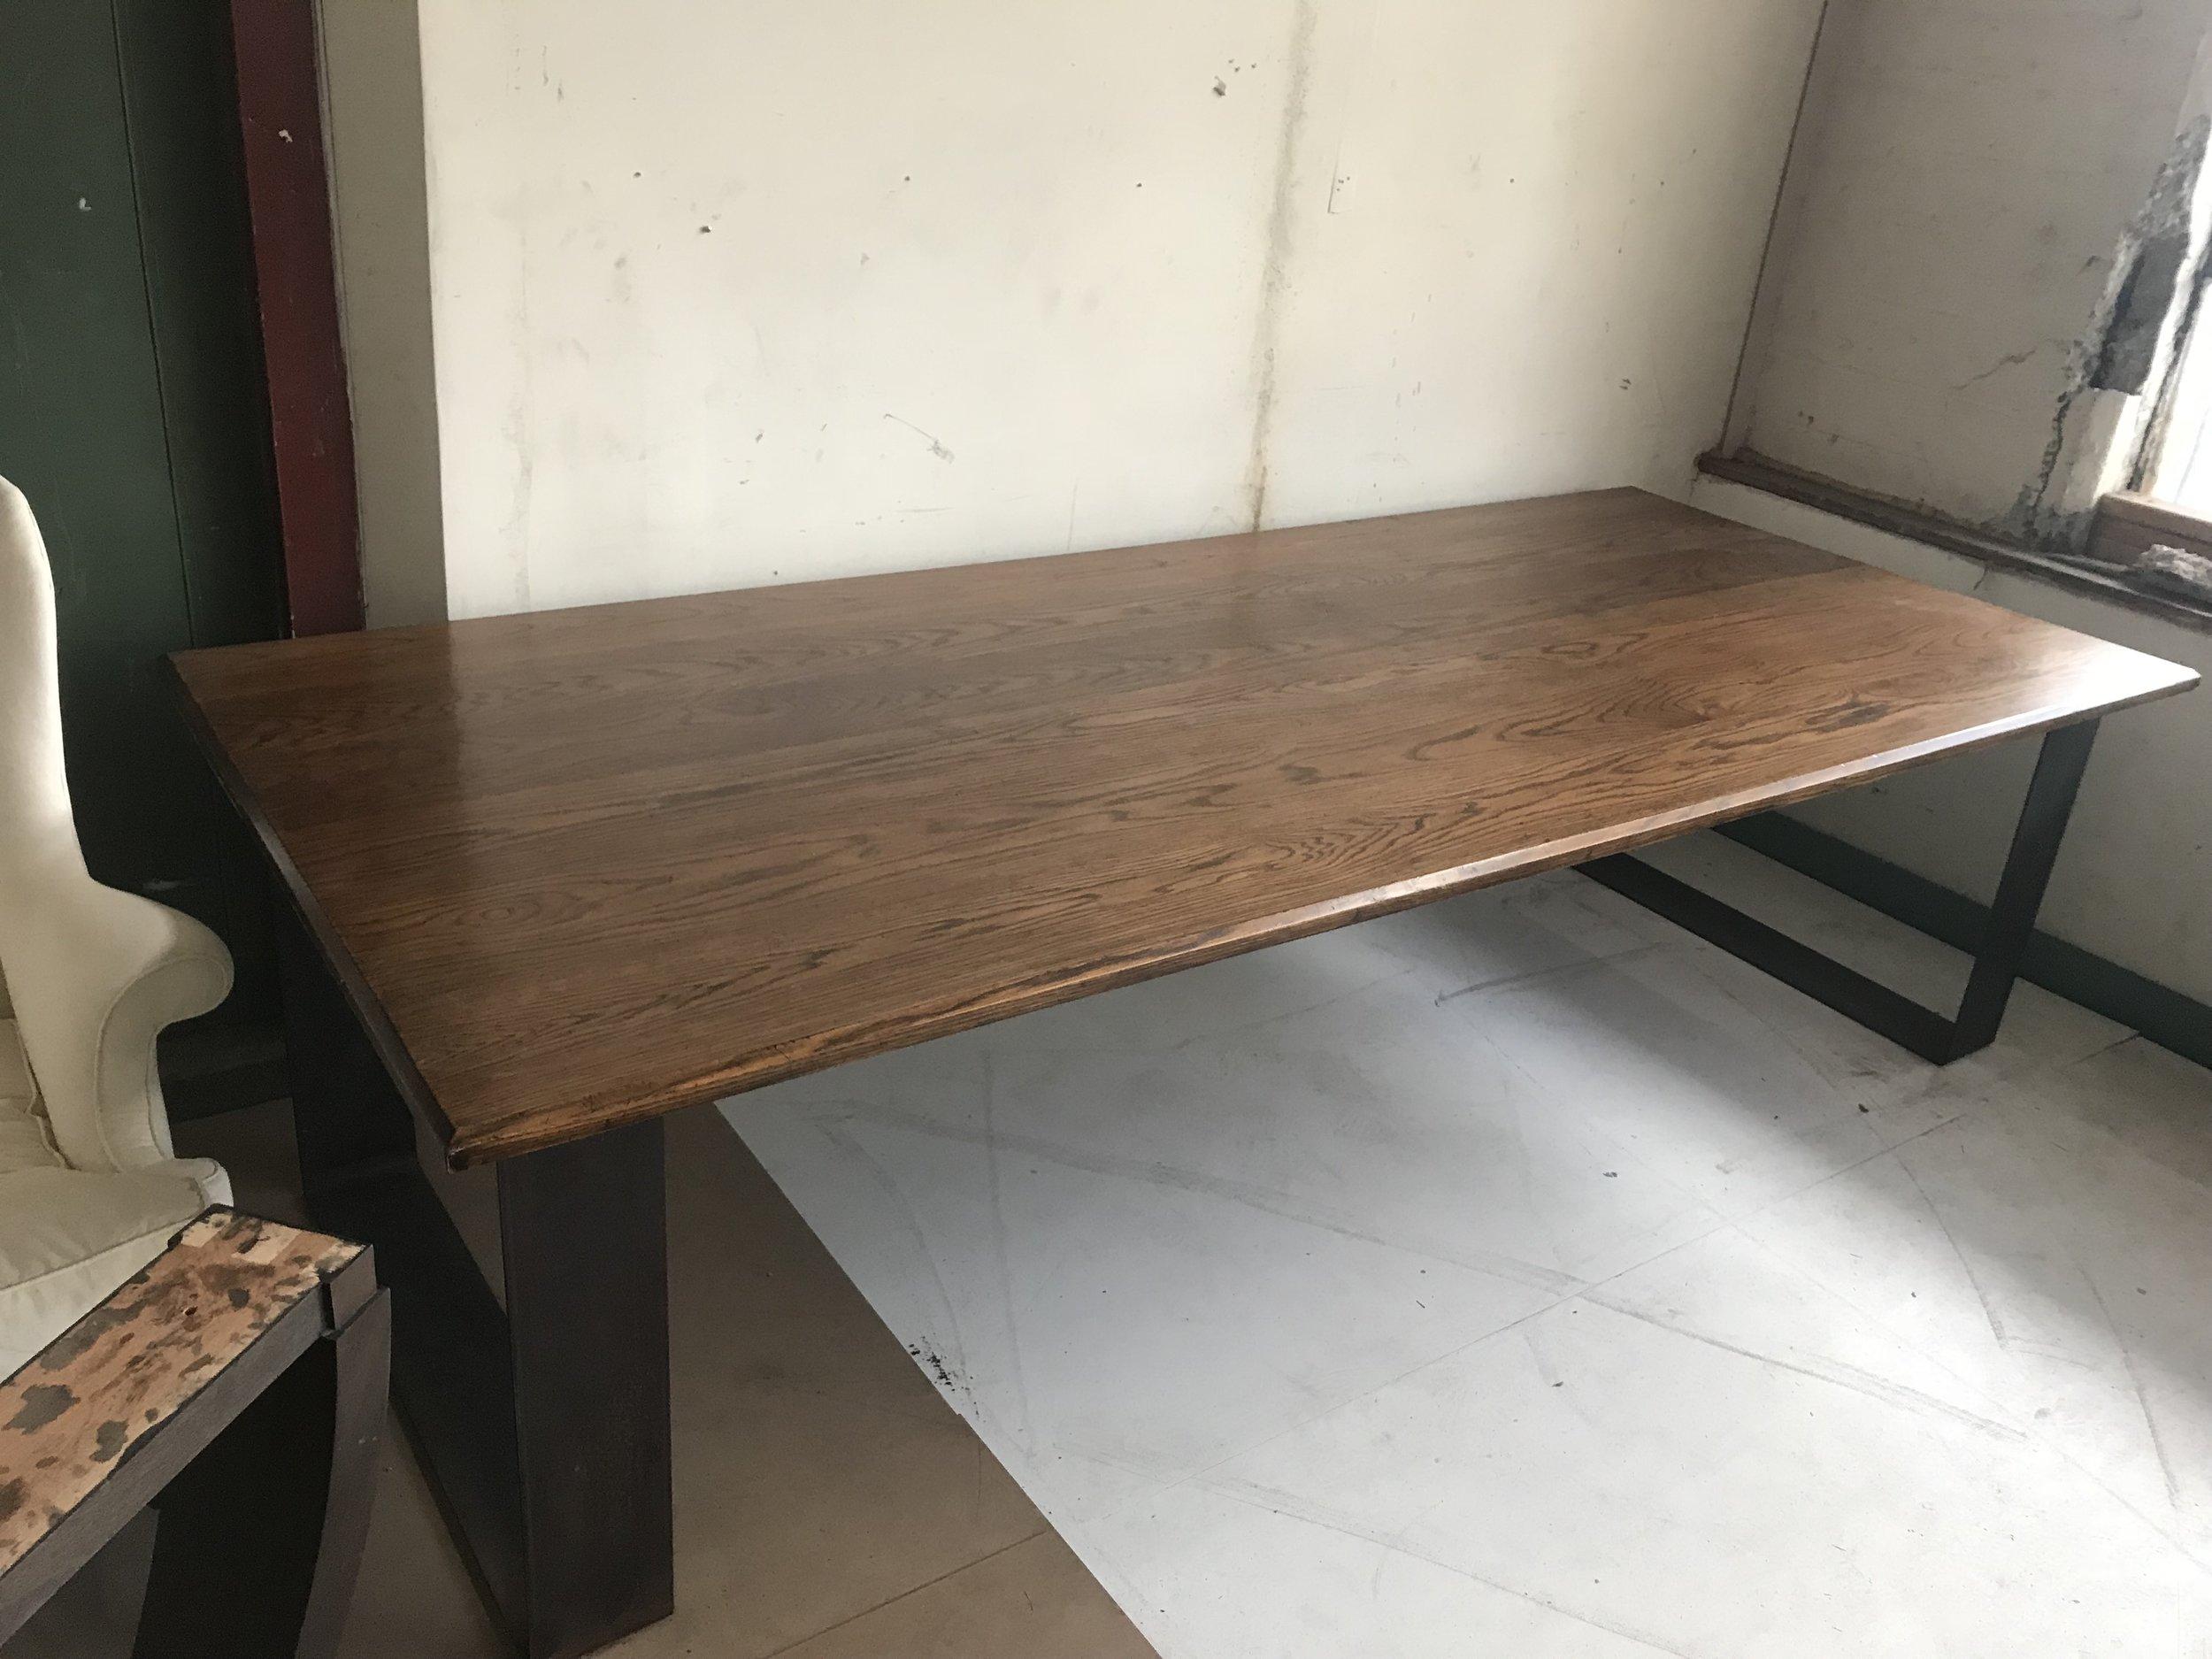 OAK TABLE TOP